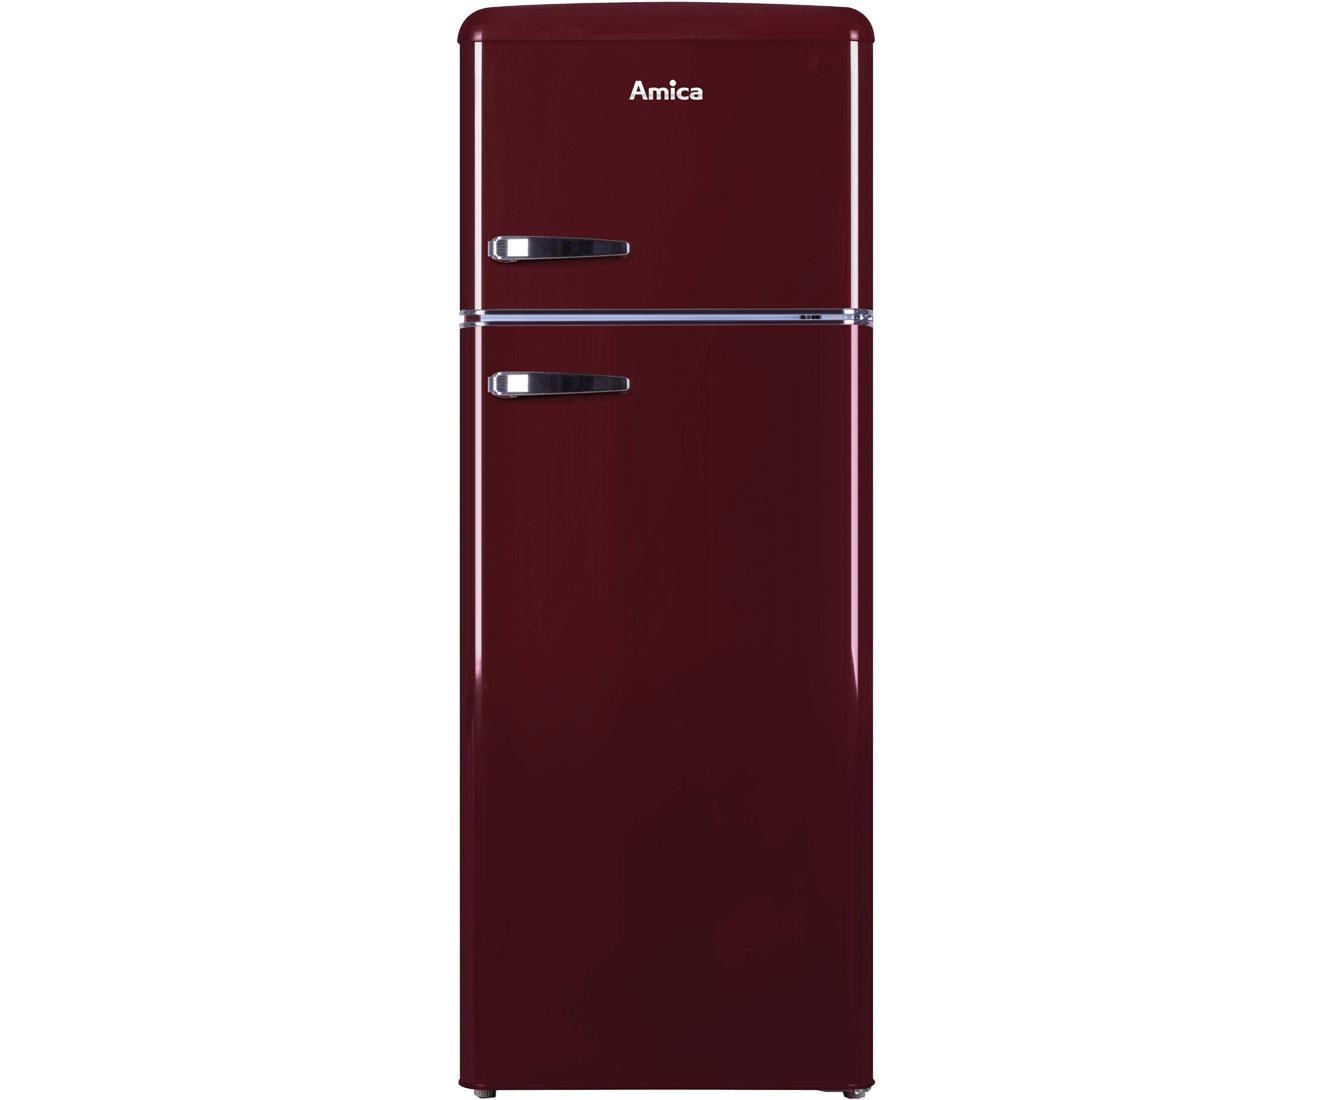 Gorenje Kühlschrank Mint : Roter kühlschrank amstyle design retro minikühlschrank l rot a